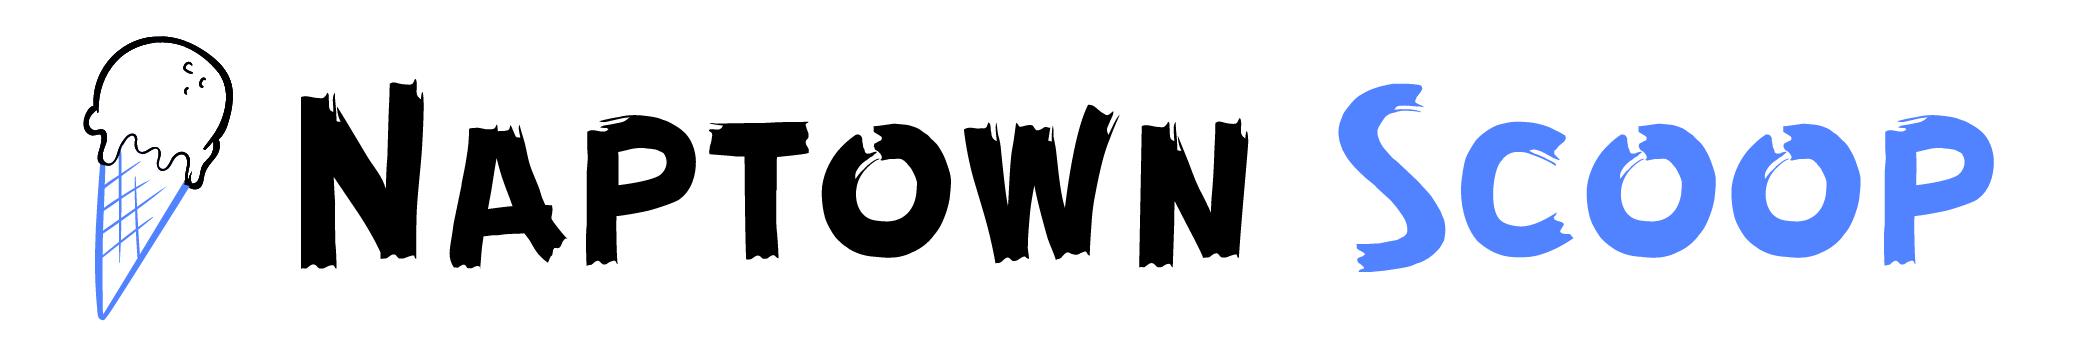 naptown scoop logo